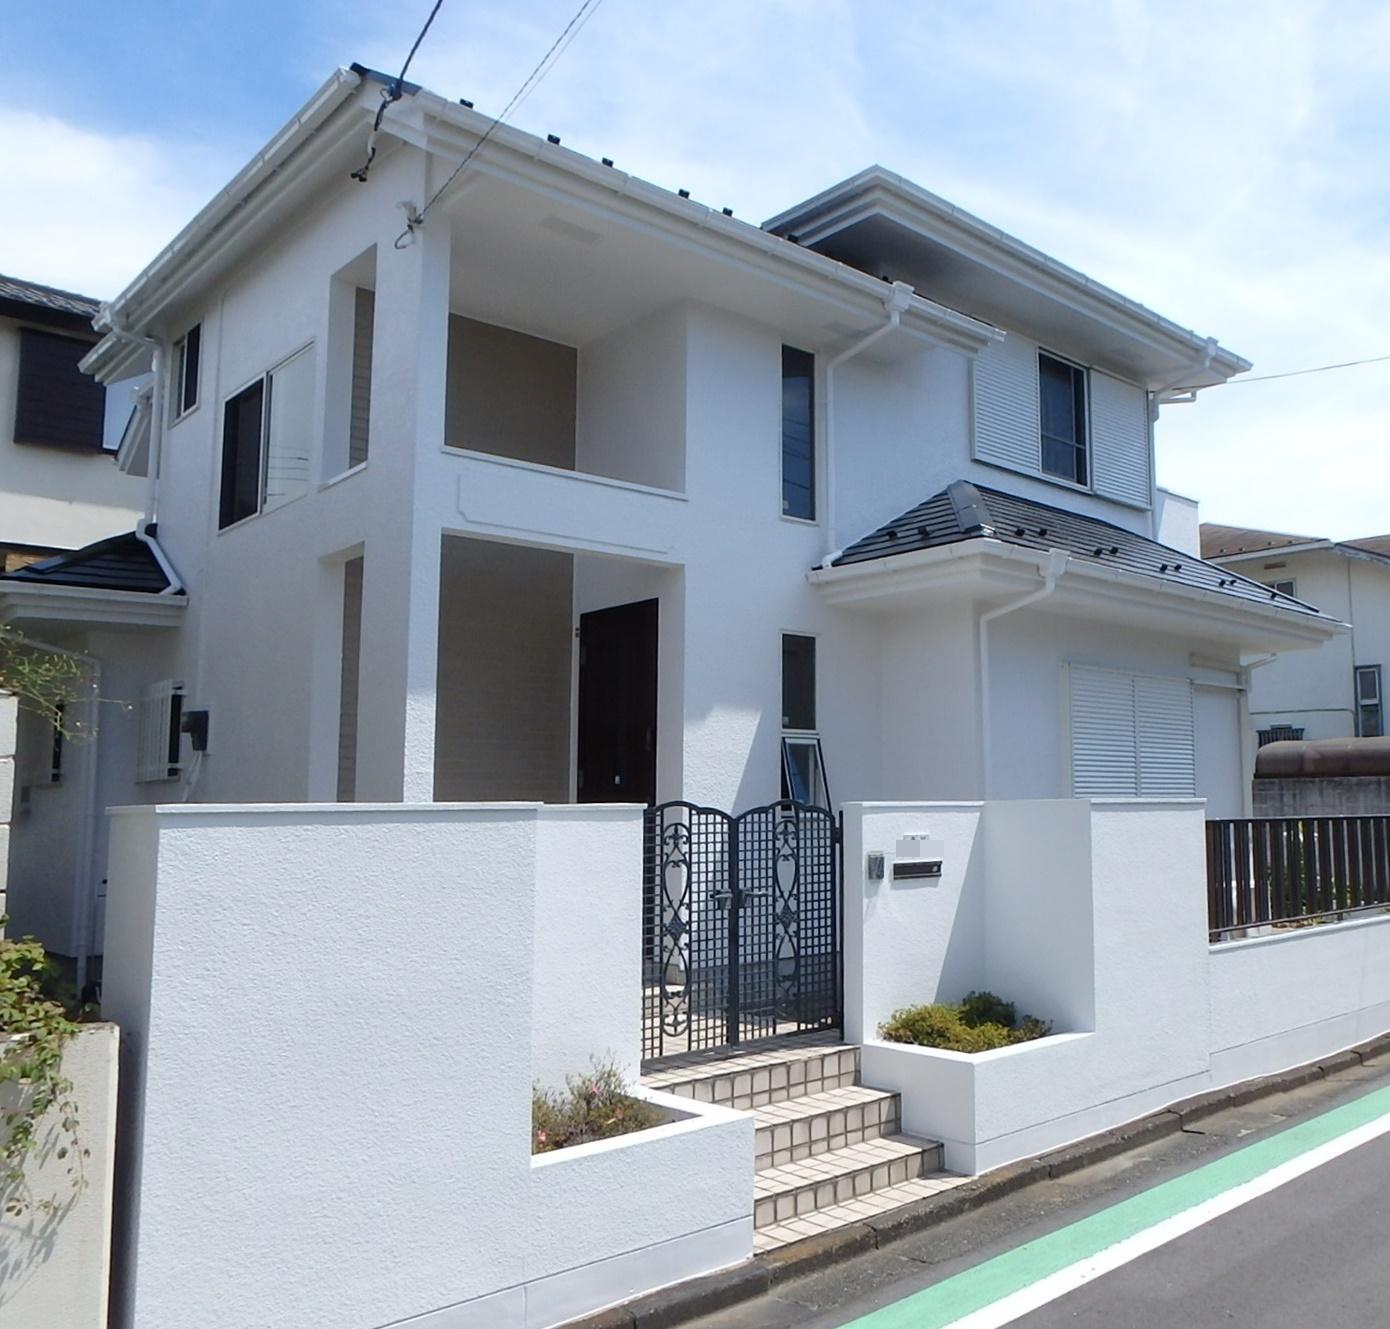 横浜 戸塚区戸建住宅 外壁塗装屋根葺き替え 完成写真